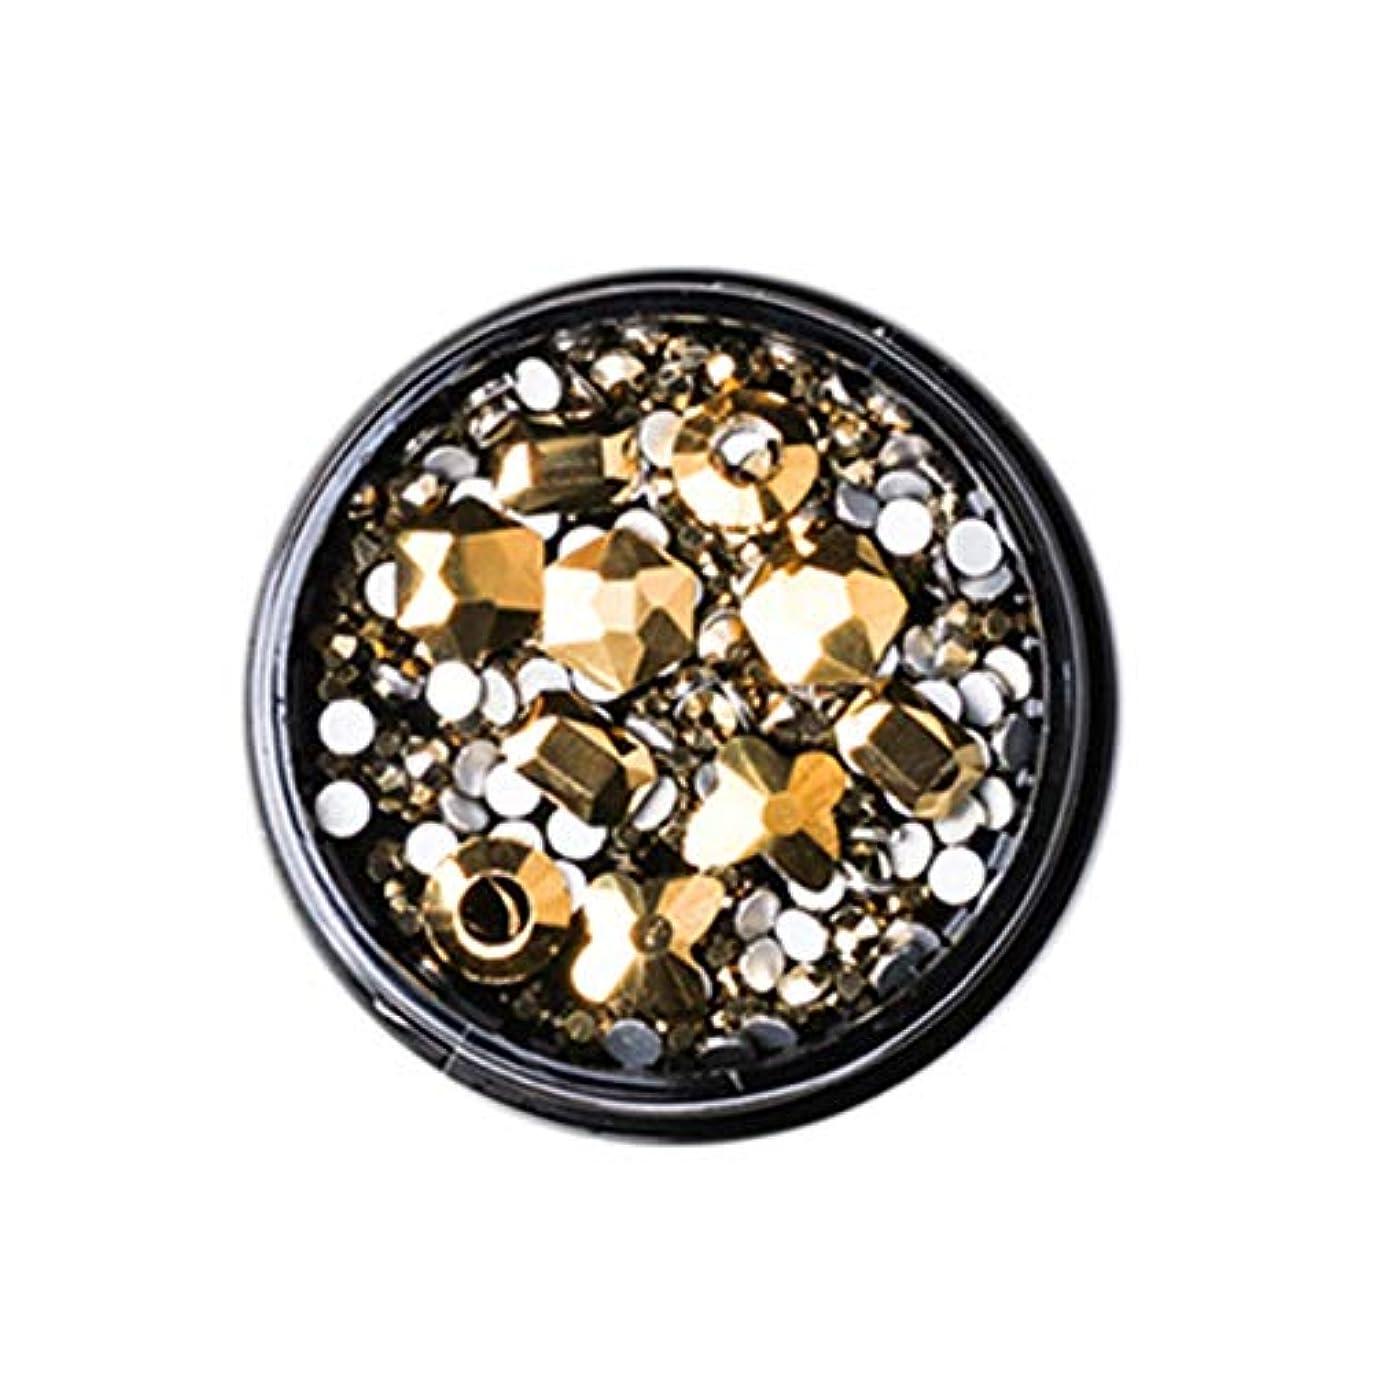 フェローシップ薬閃光TOOGOO 1ボックス混合3dラインストーンネイルアートの装飾クリスタル宝石ジュエリーゴールド光沢のある石チャームガラスマニキュアアクセサリー、ゴールド